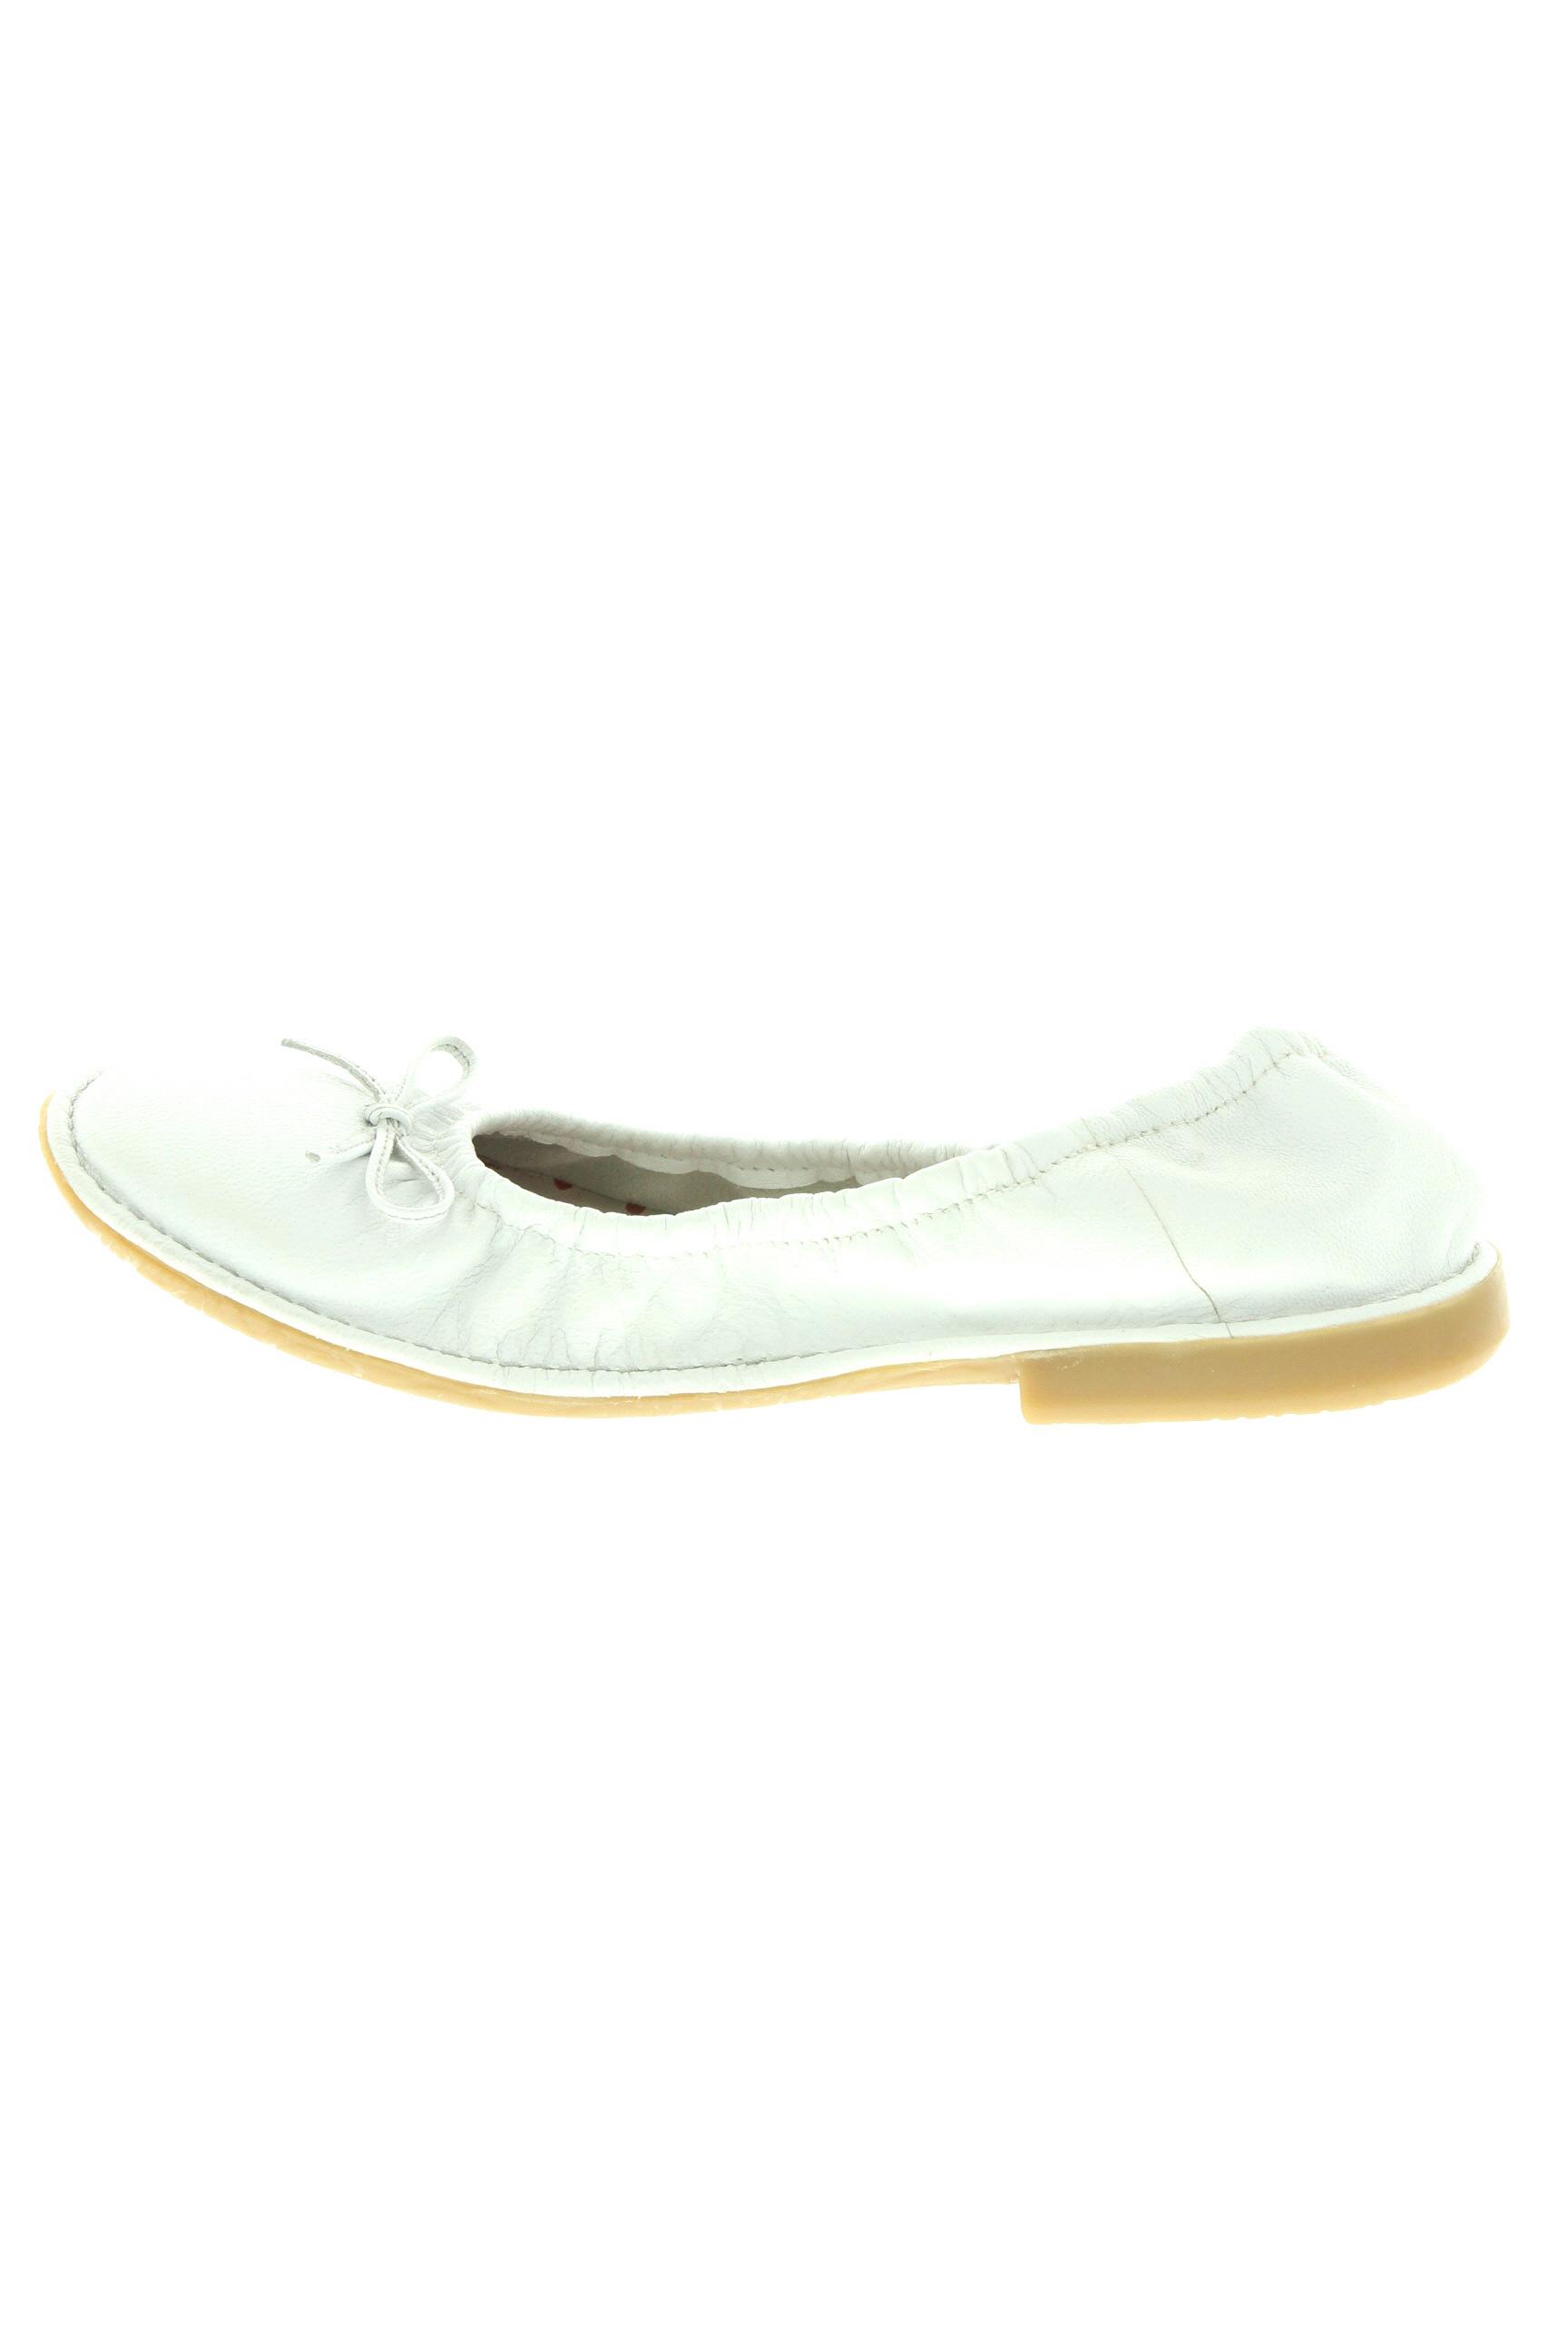 Buggy Ballerines Femme De Couleur Blanc En Soldes Pas Cher 1256978-blanc0